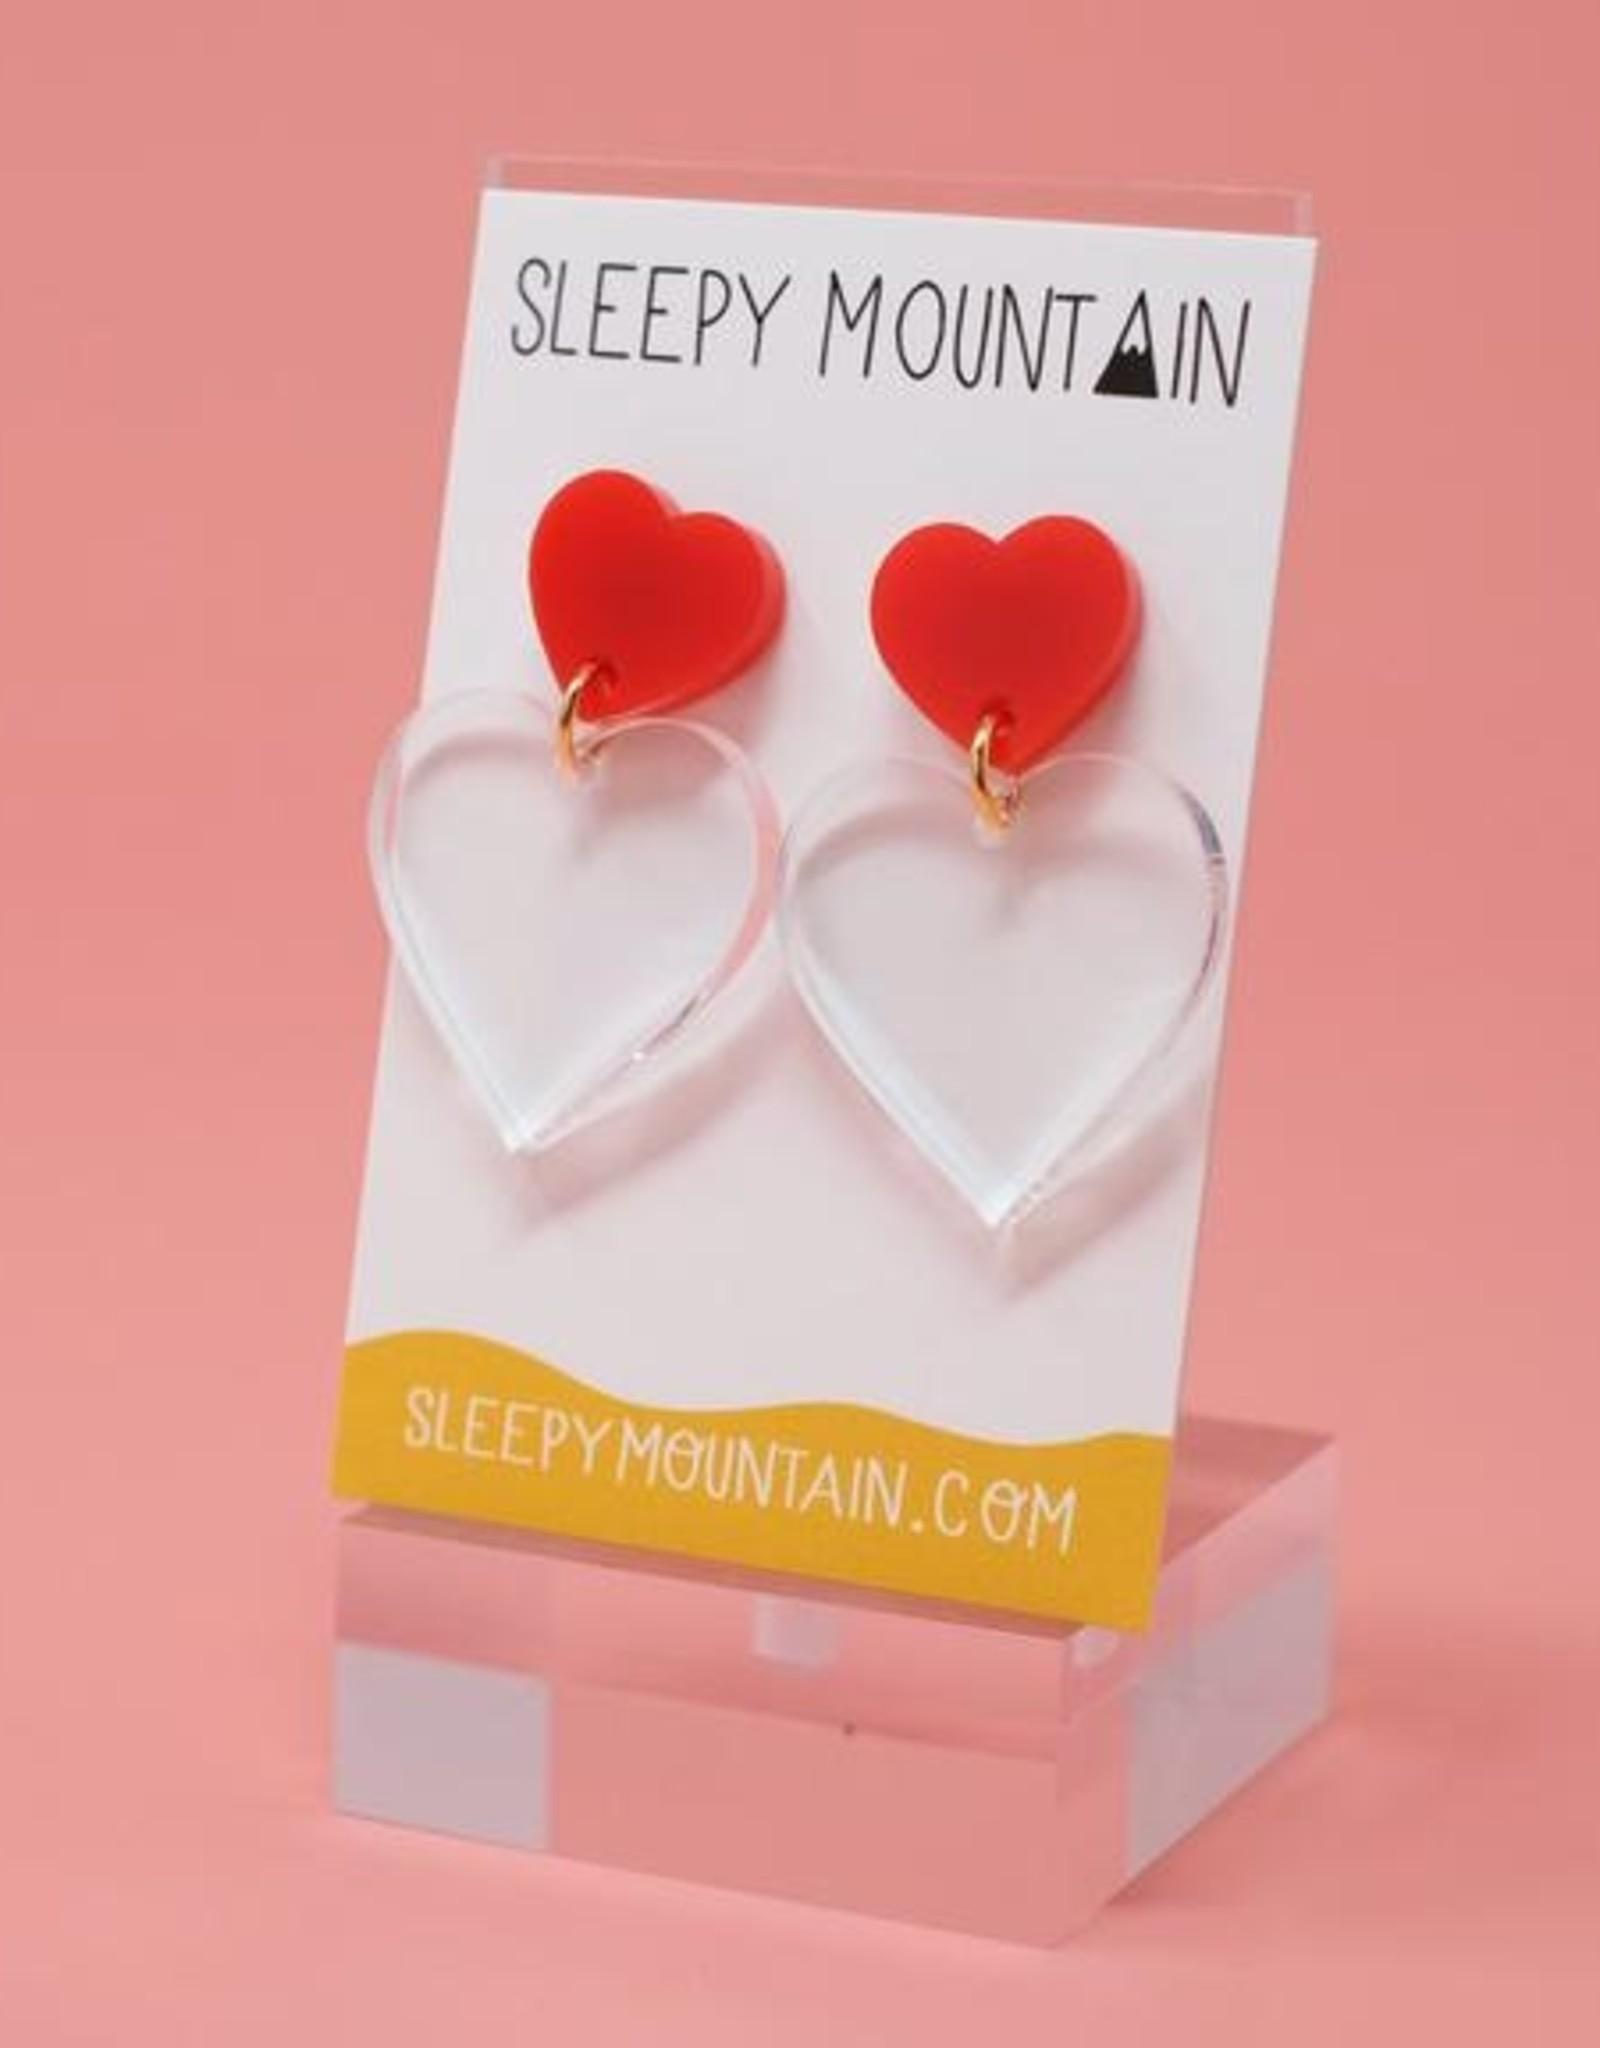 Sleepy Mountain Double Heart Acrylic Earrings